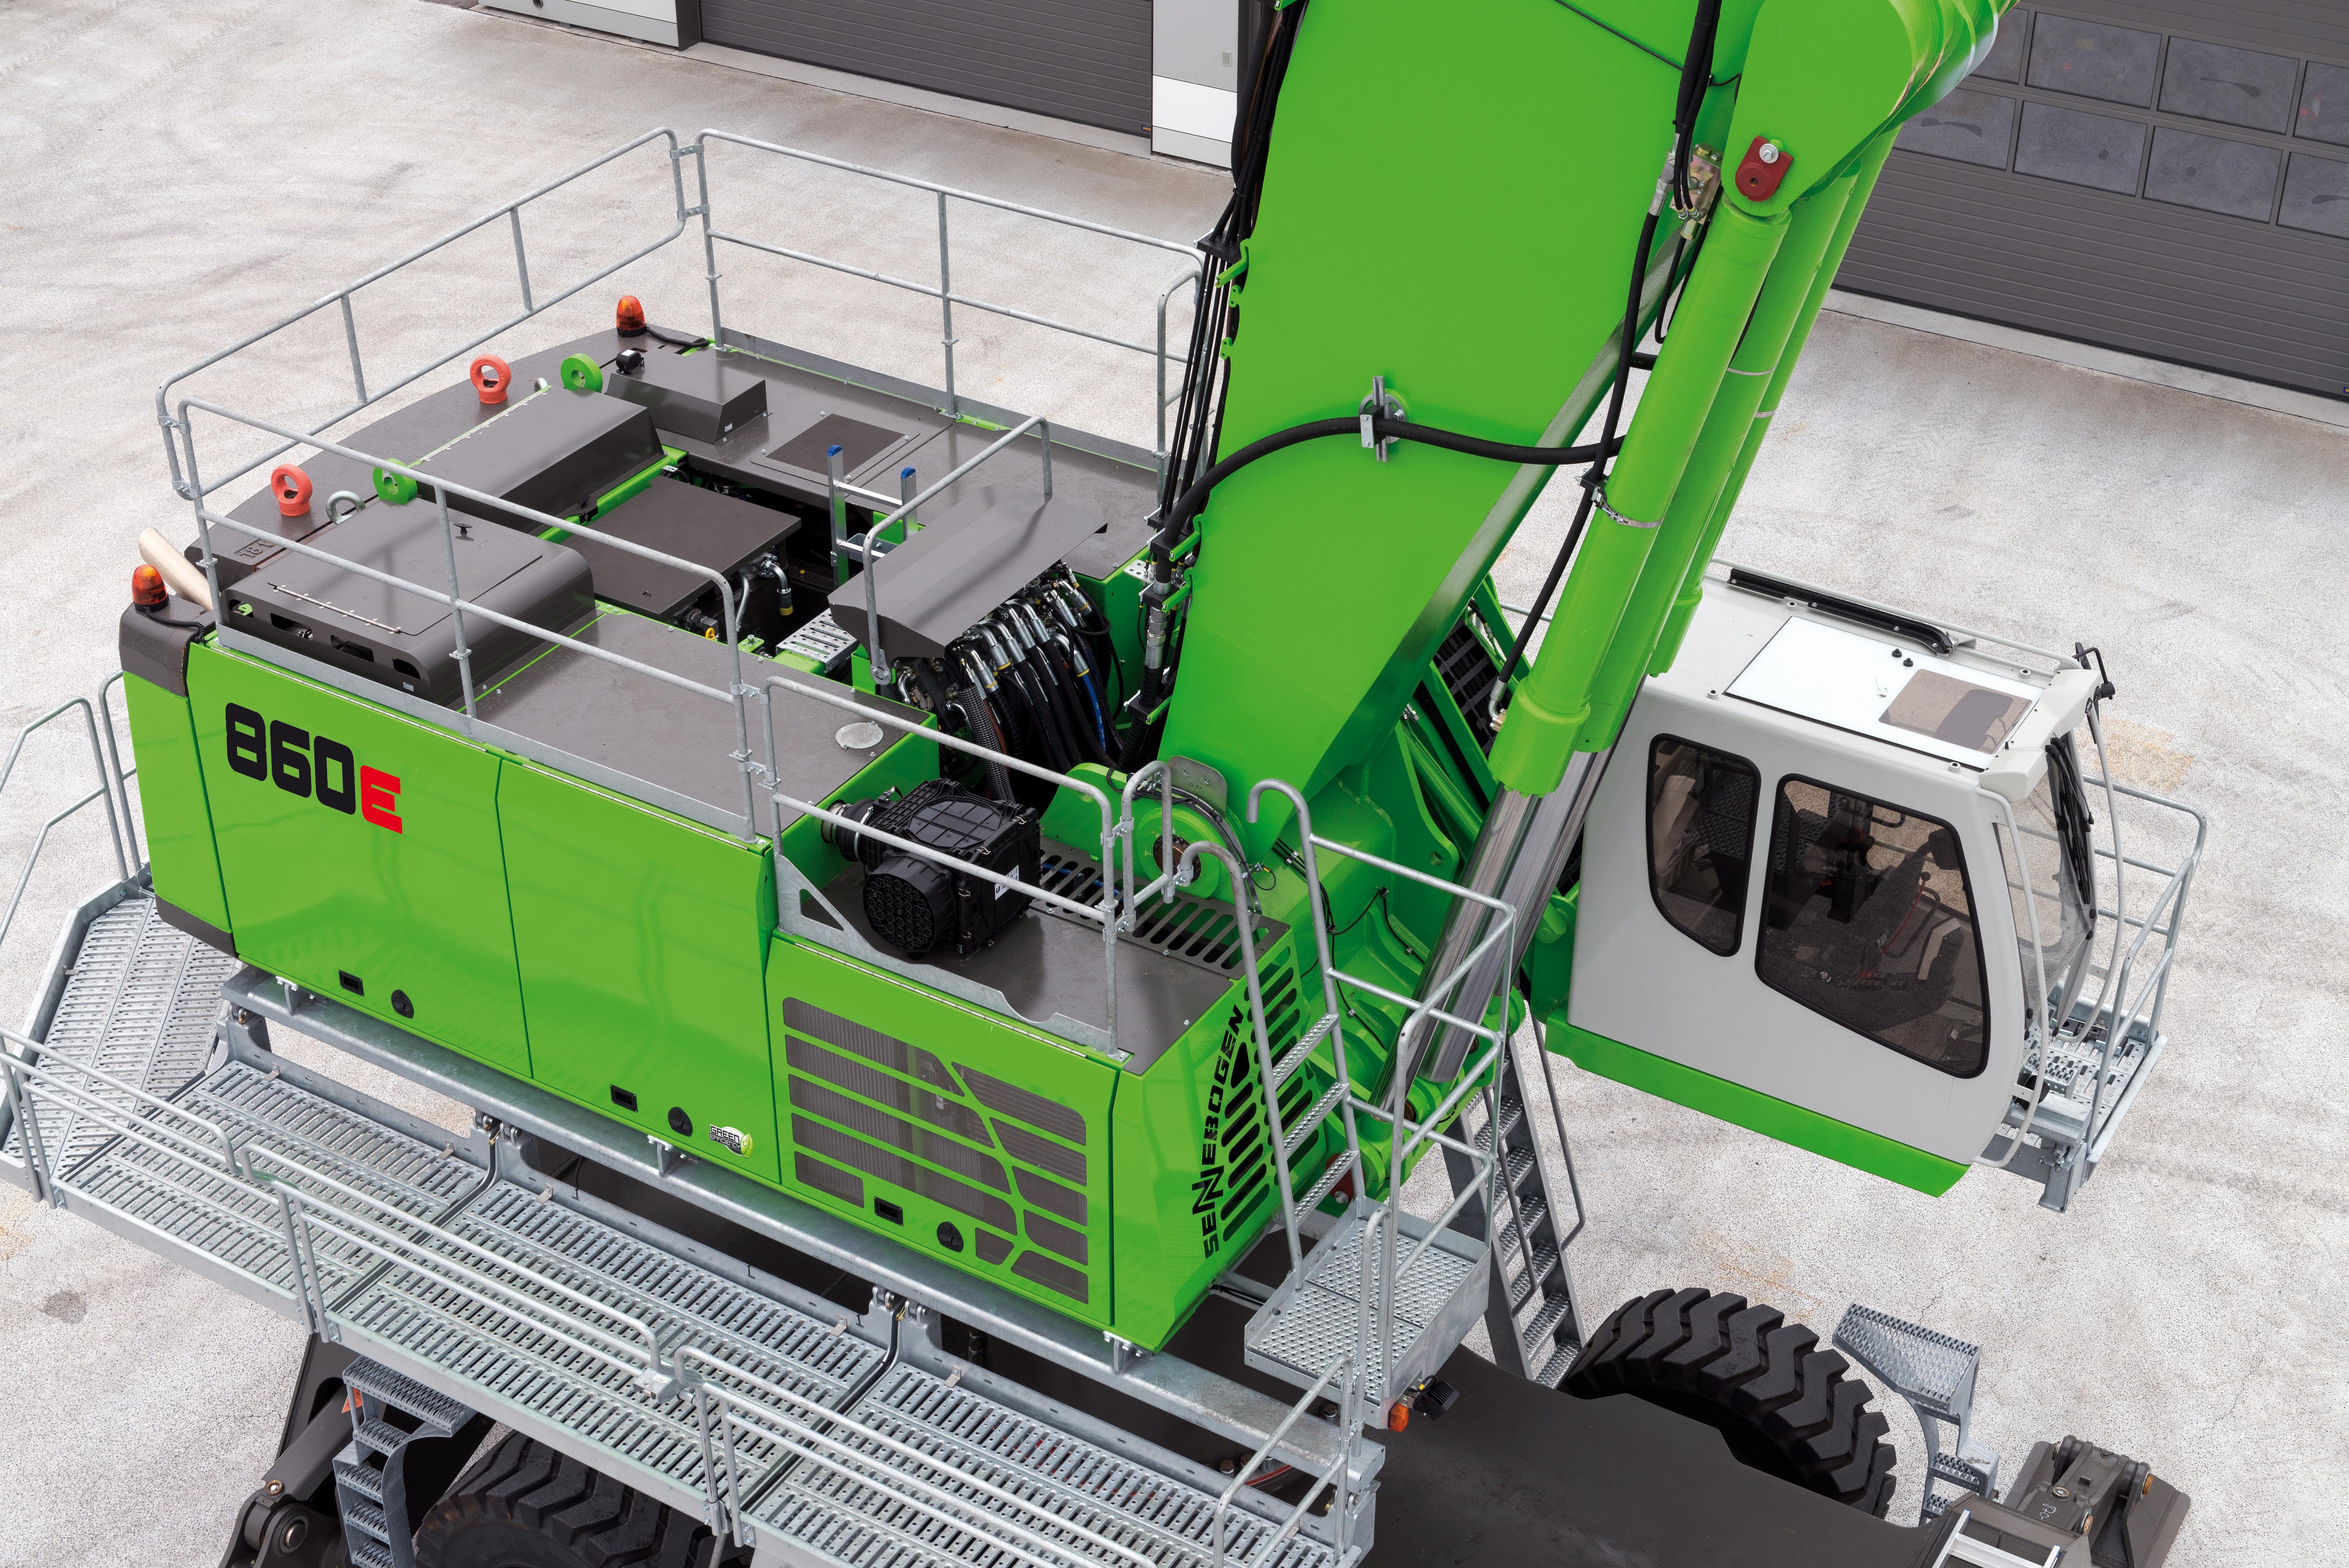 SENNEBOGEN bringt mit dem neuen 860 E einen Umschlagbagger speziell für den Schrottumschlag und Hafeneinsatz mit Reichweiten bis 23 m und zahlreichen Ausstattungsvarianten.